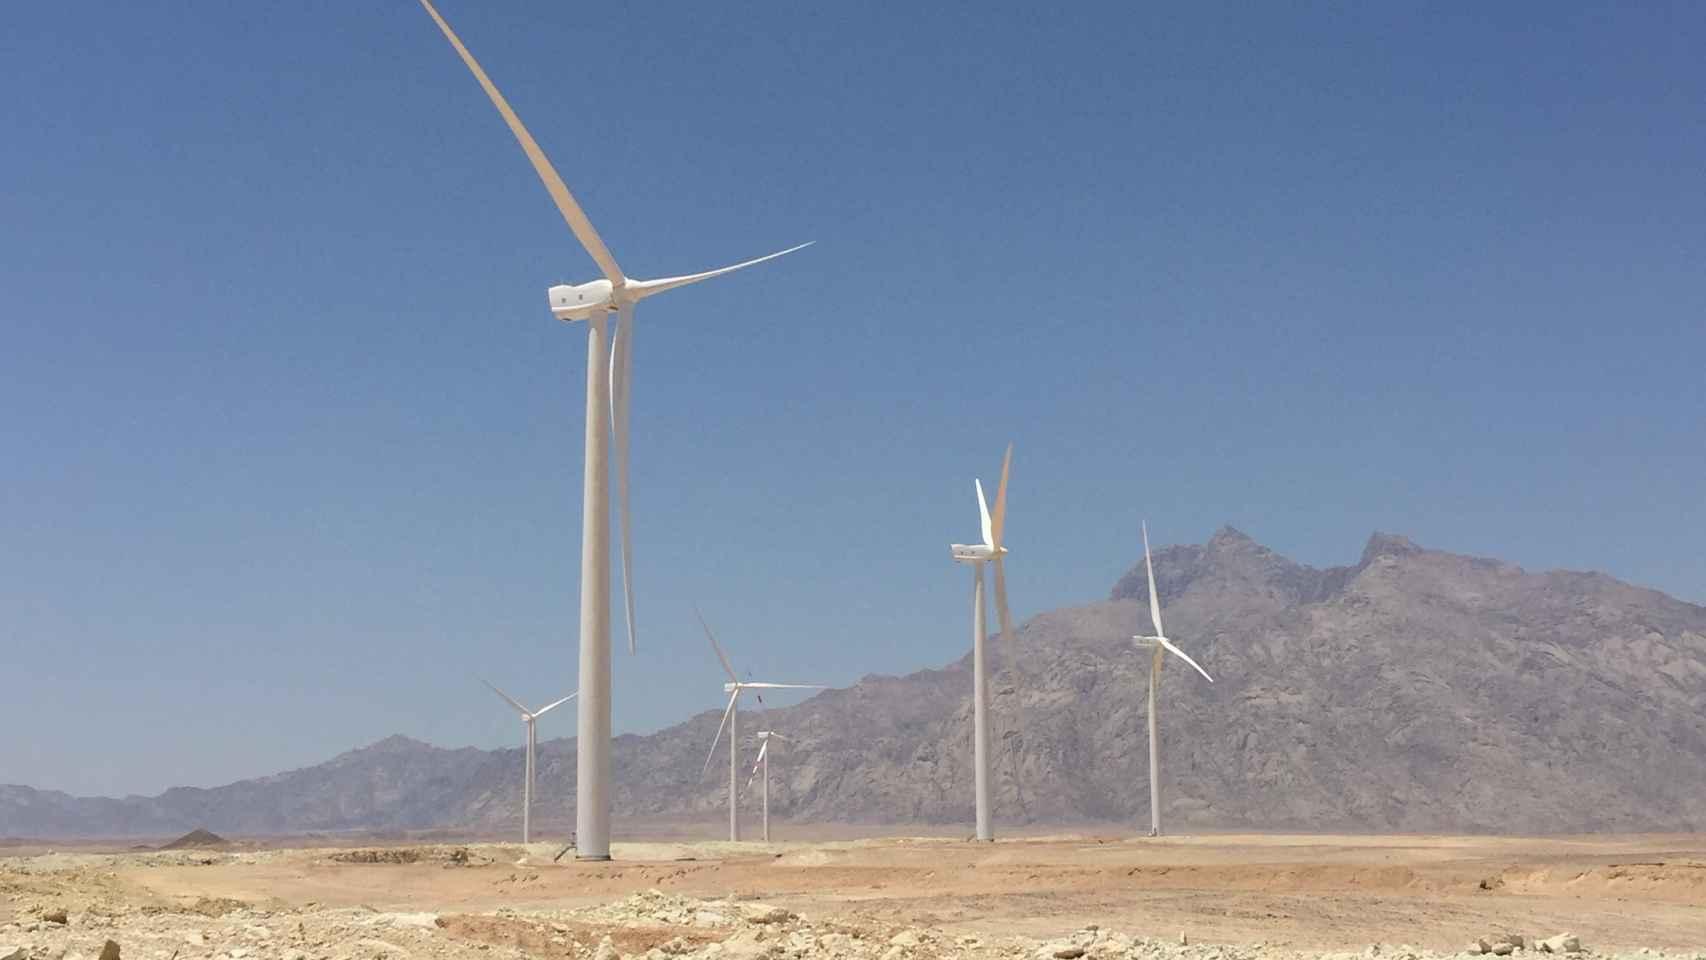 La española GES instala sus aerogeneradores en un parque eólico de 250 MW en Egipto